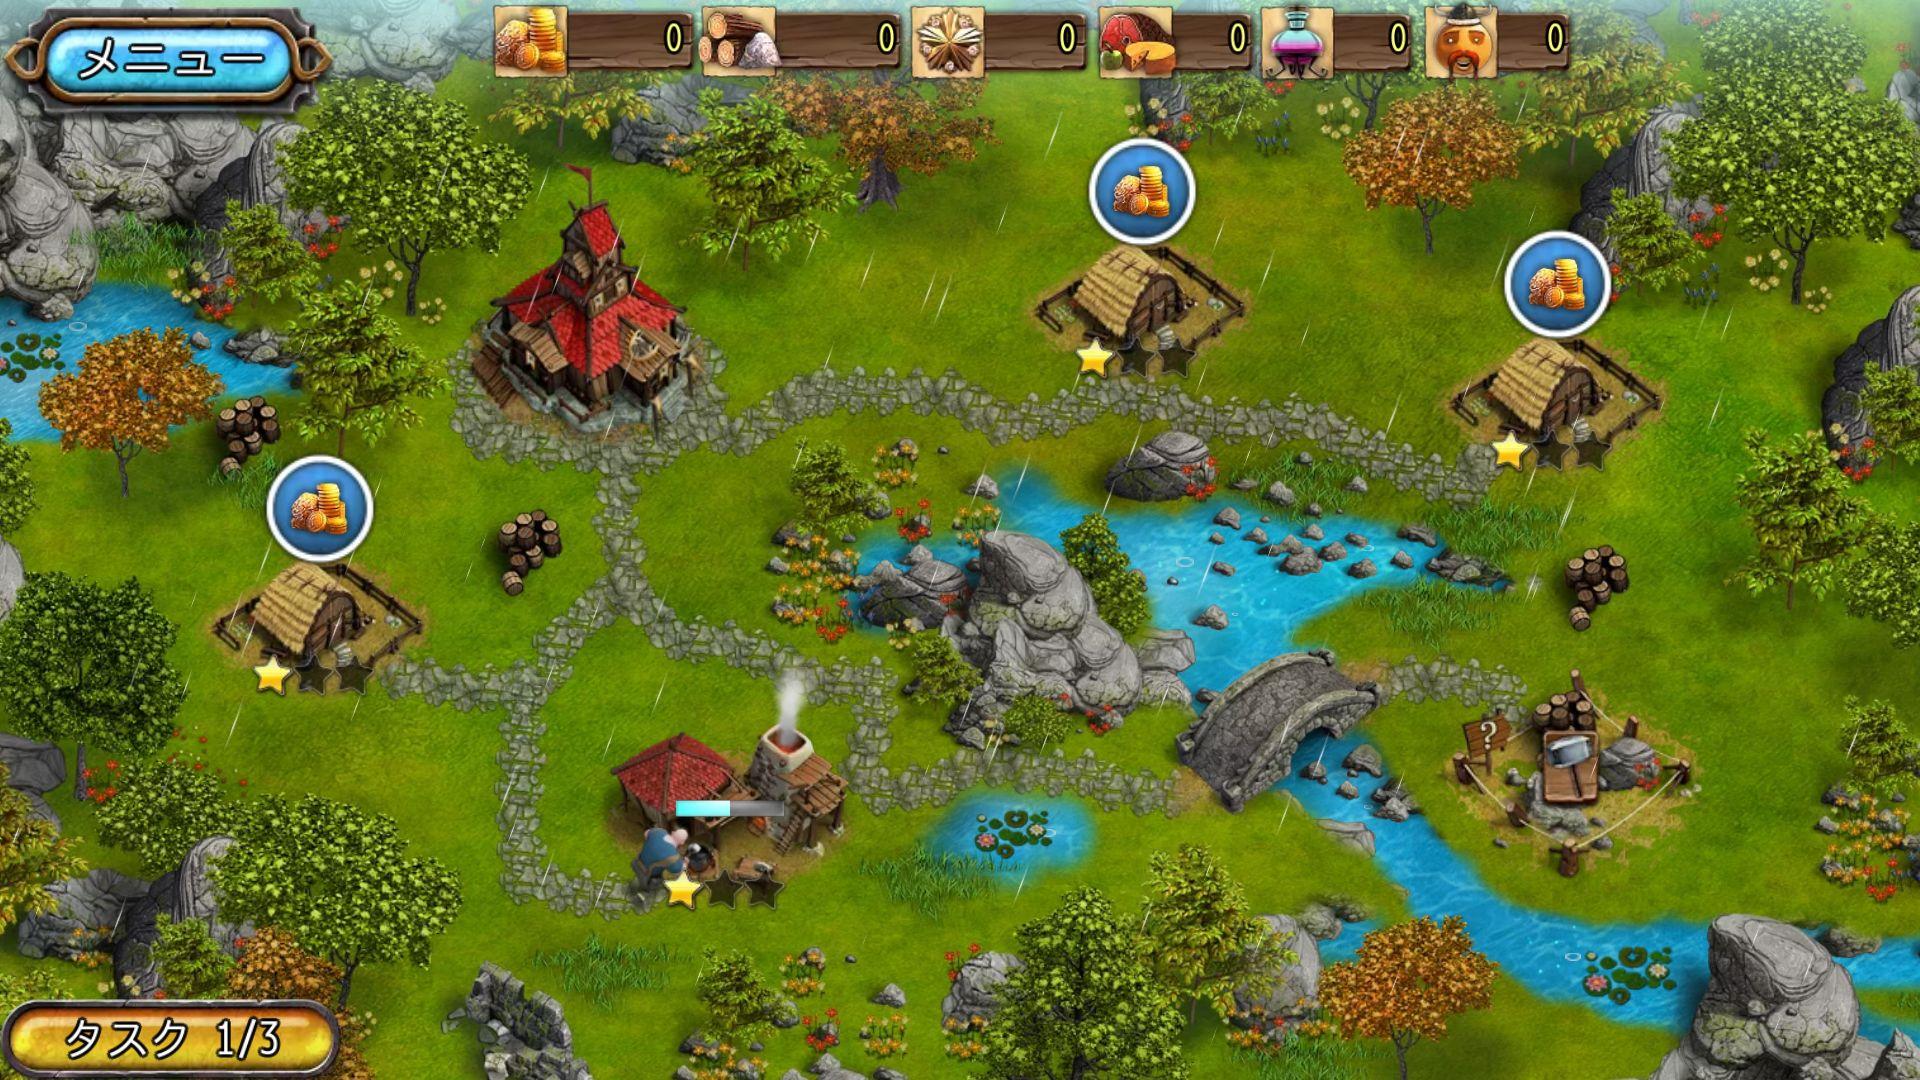 キングダムテイルズ2(Kingdom Tales 2) androidアプリスクリーンショット1